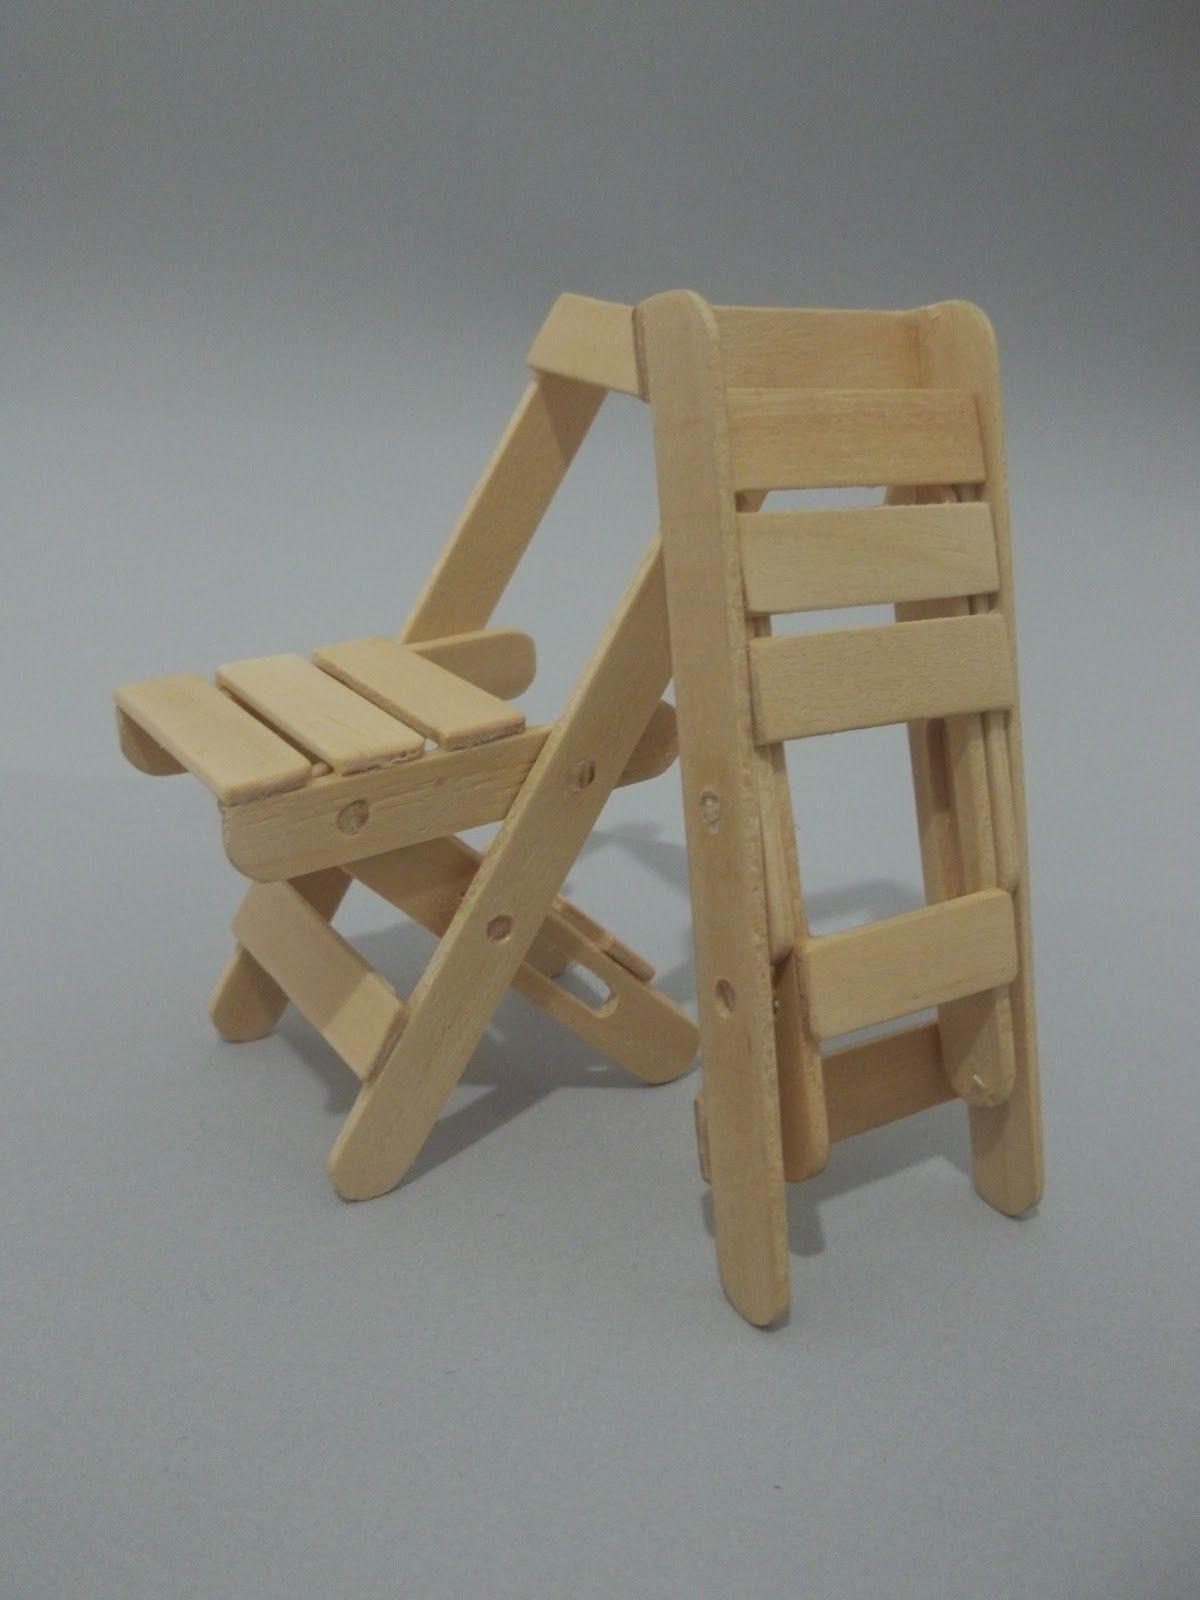 Artesanato com palitos novidade artesanato com palitos for Banco de paletas de madera